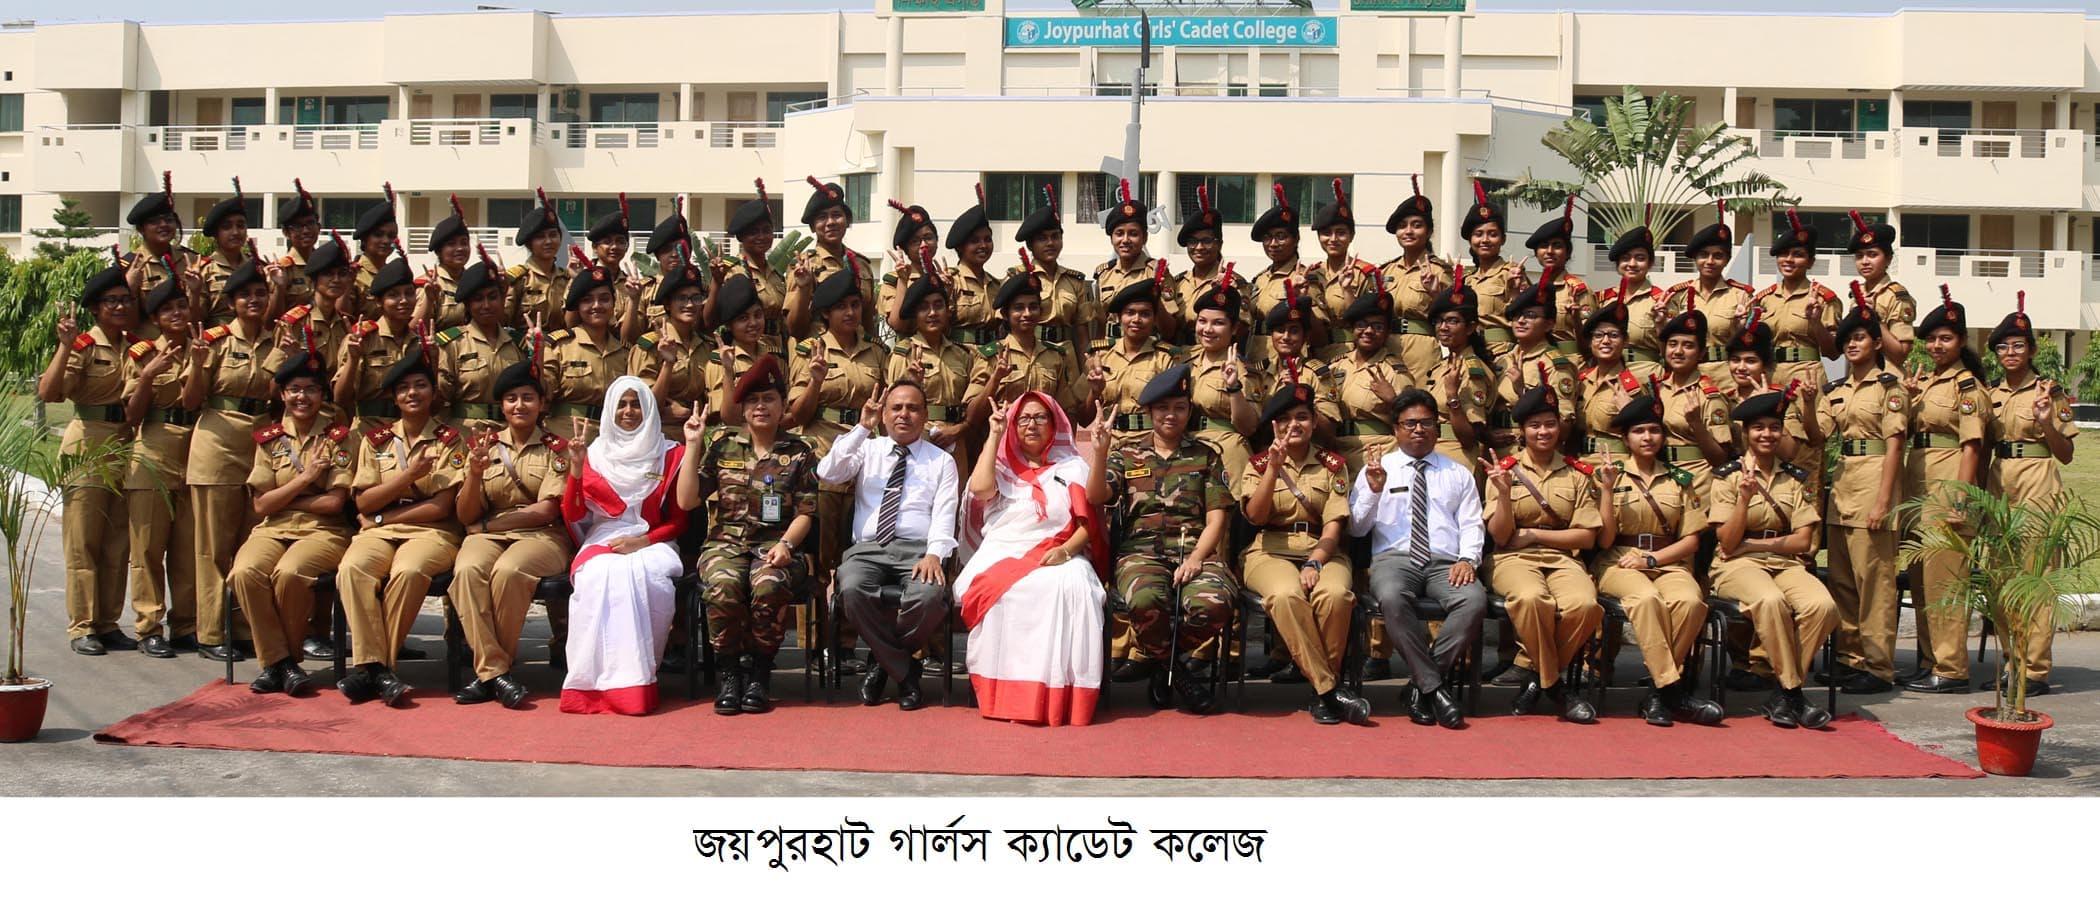 Joypurhat Girls Cadet College-min